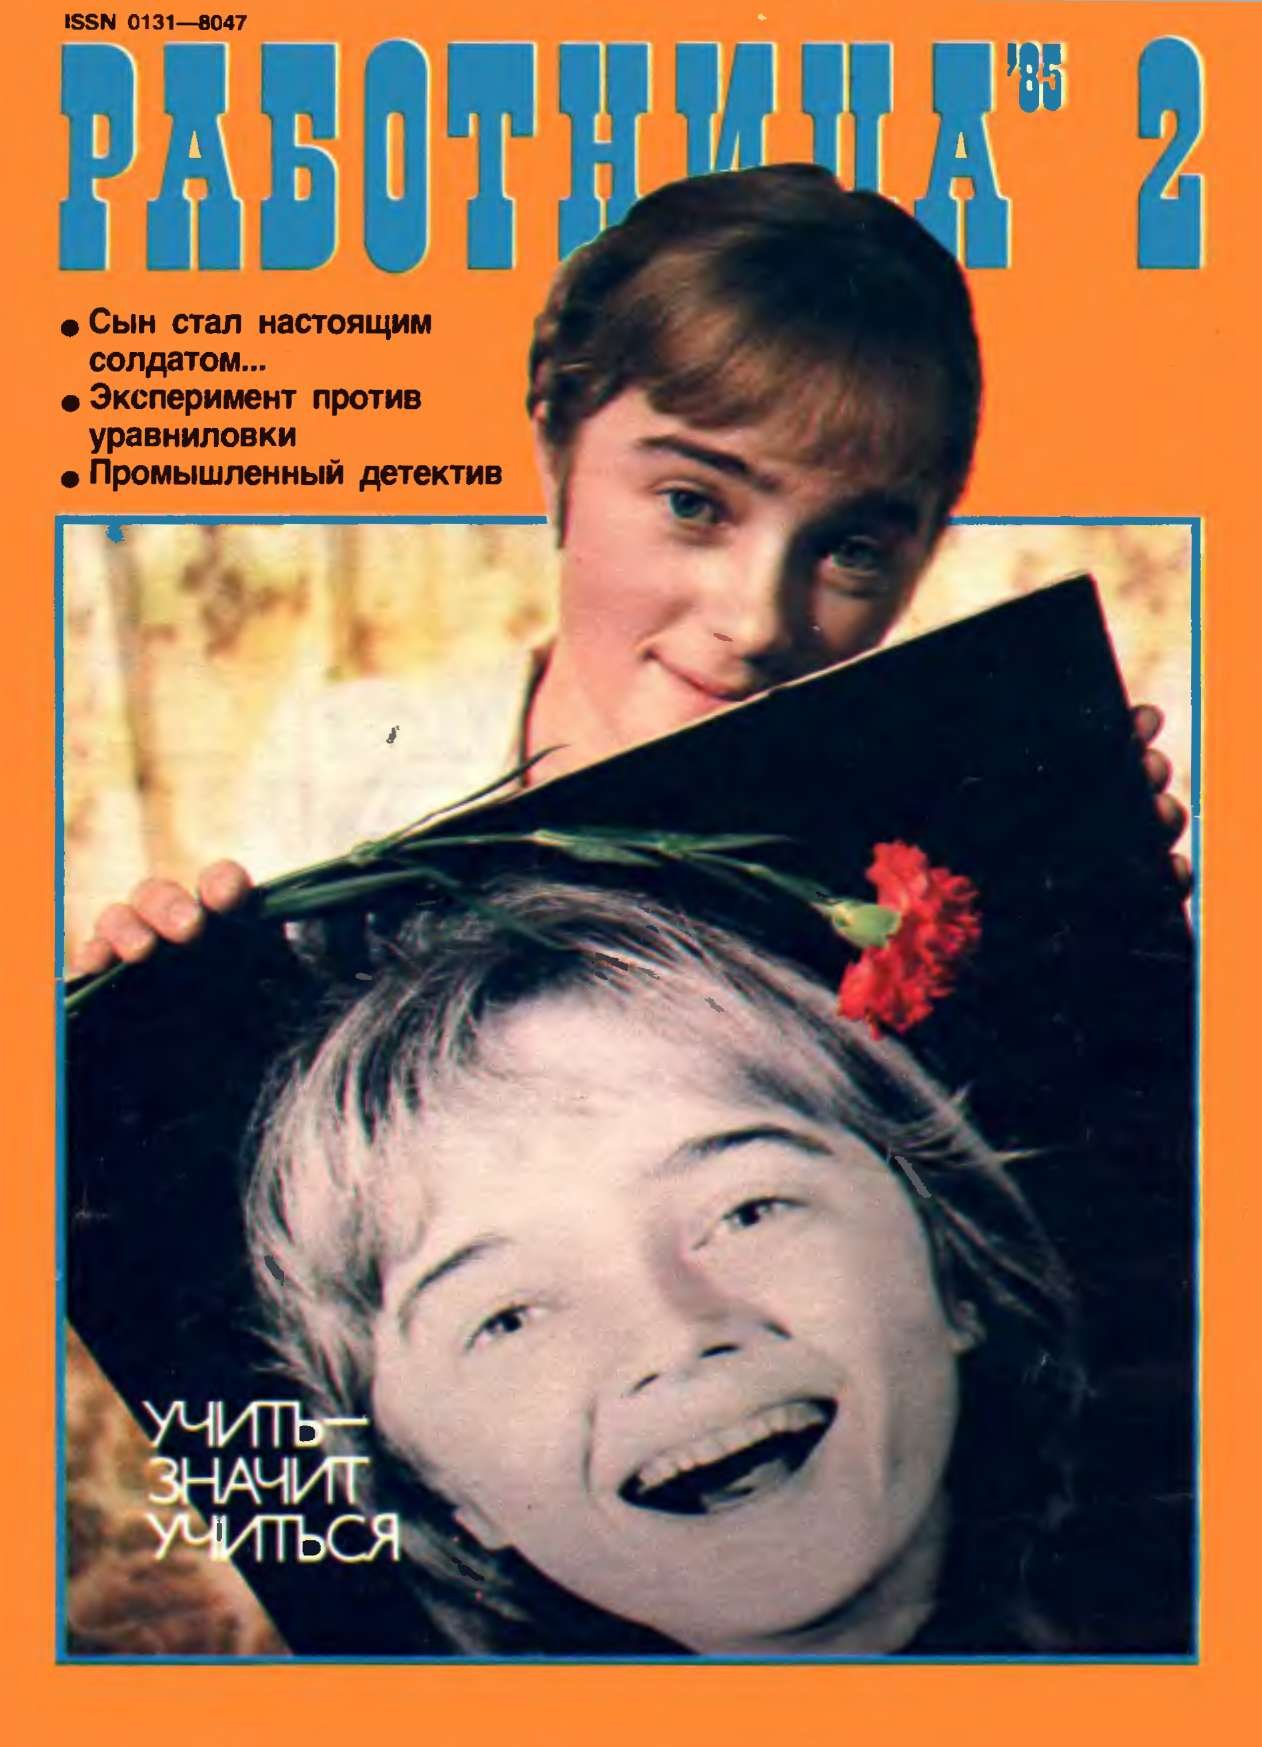 советский технический журнал